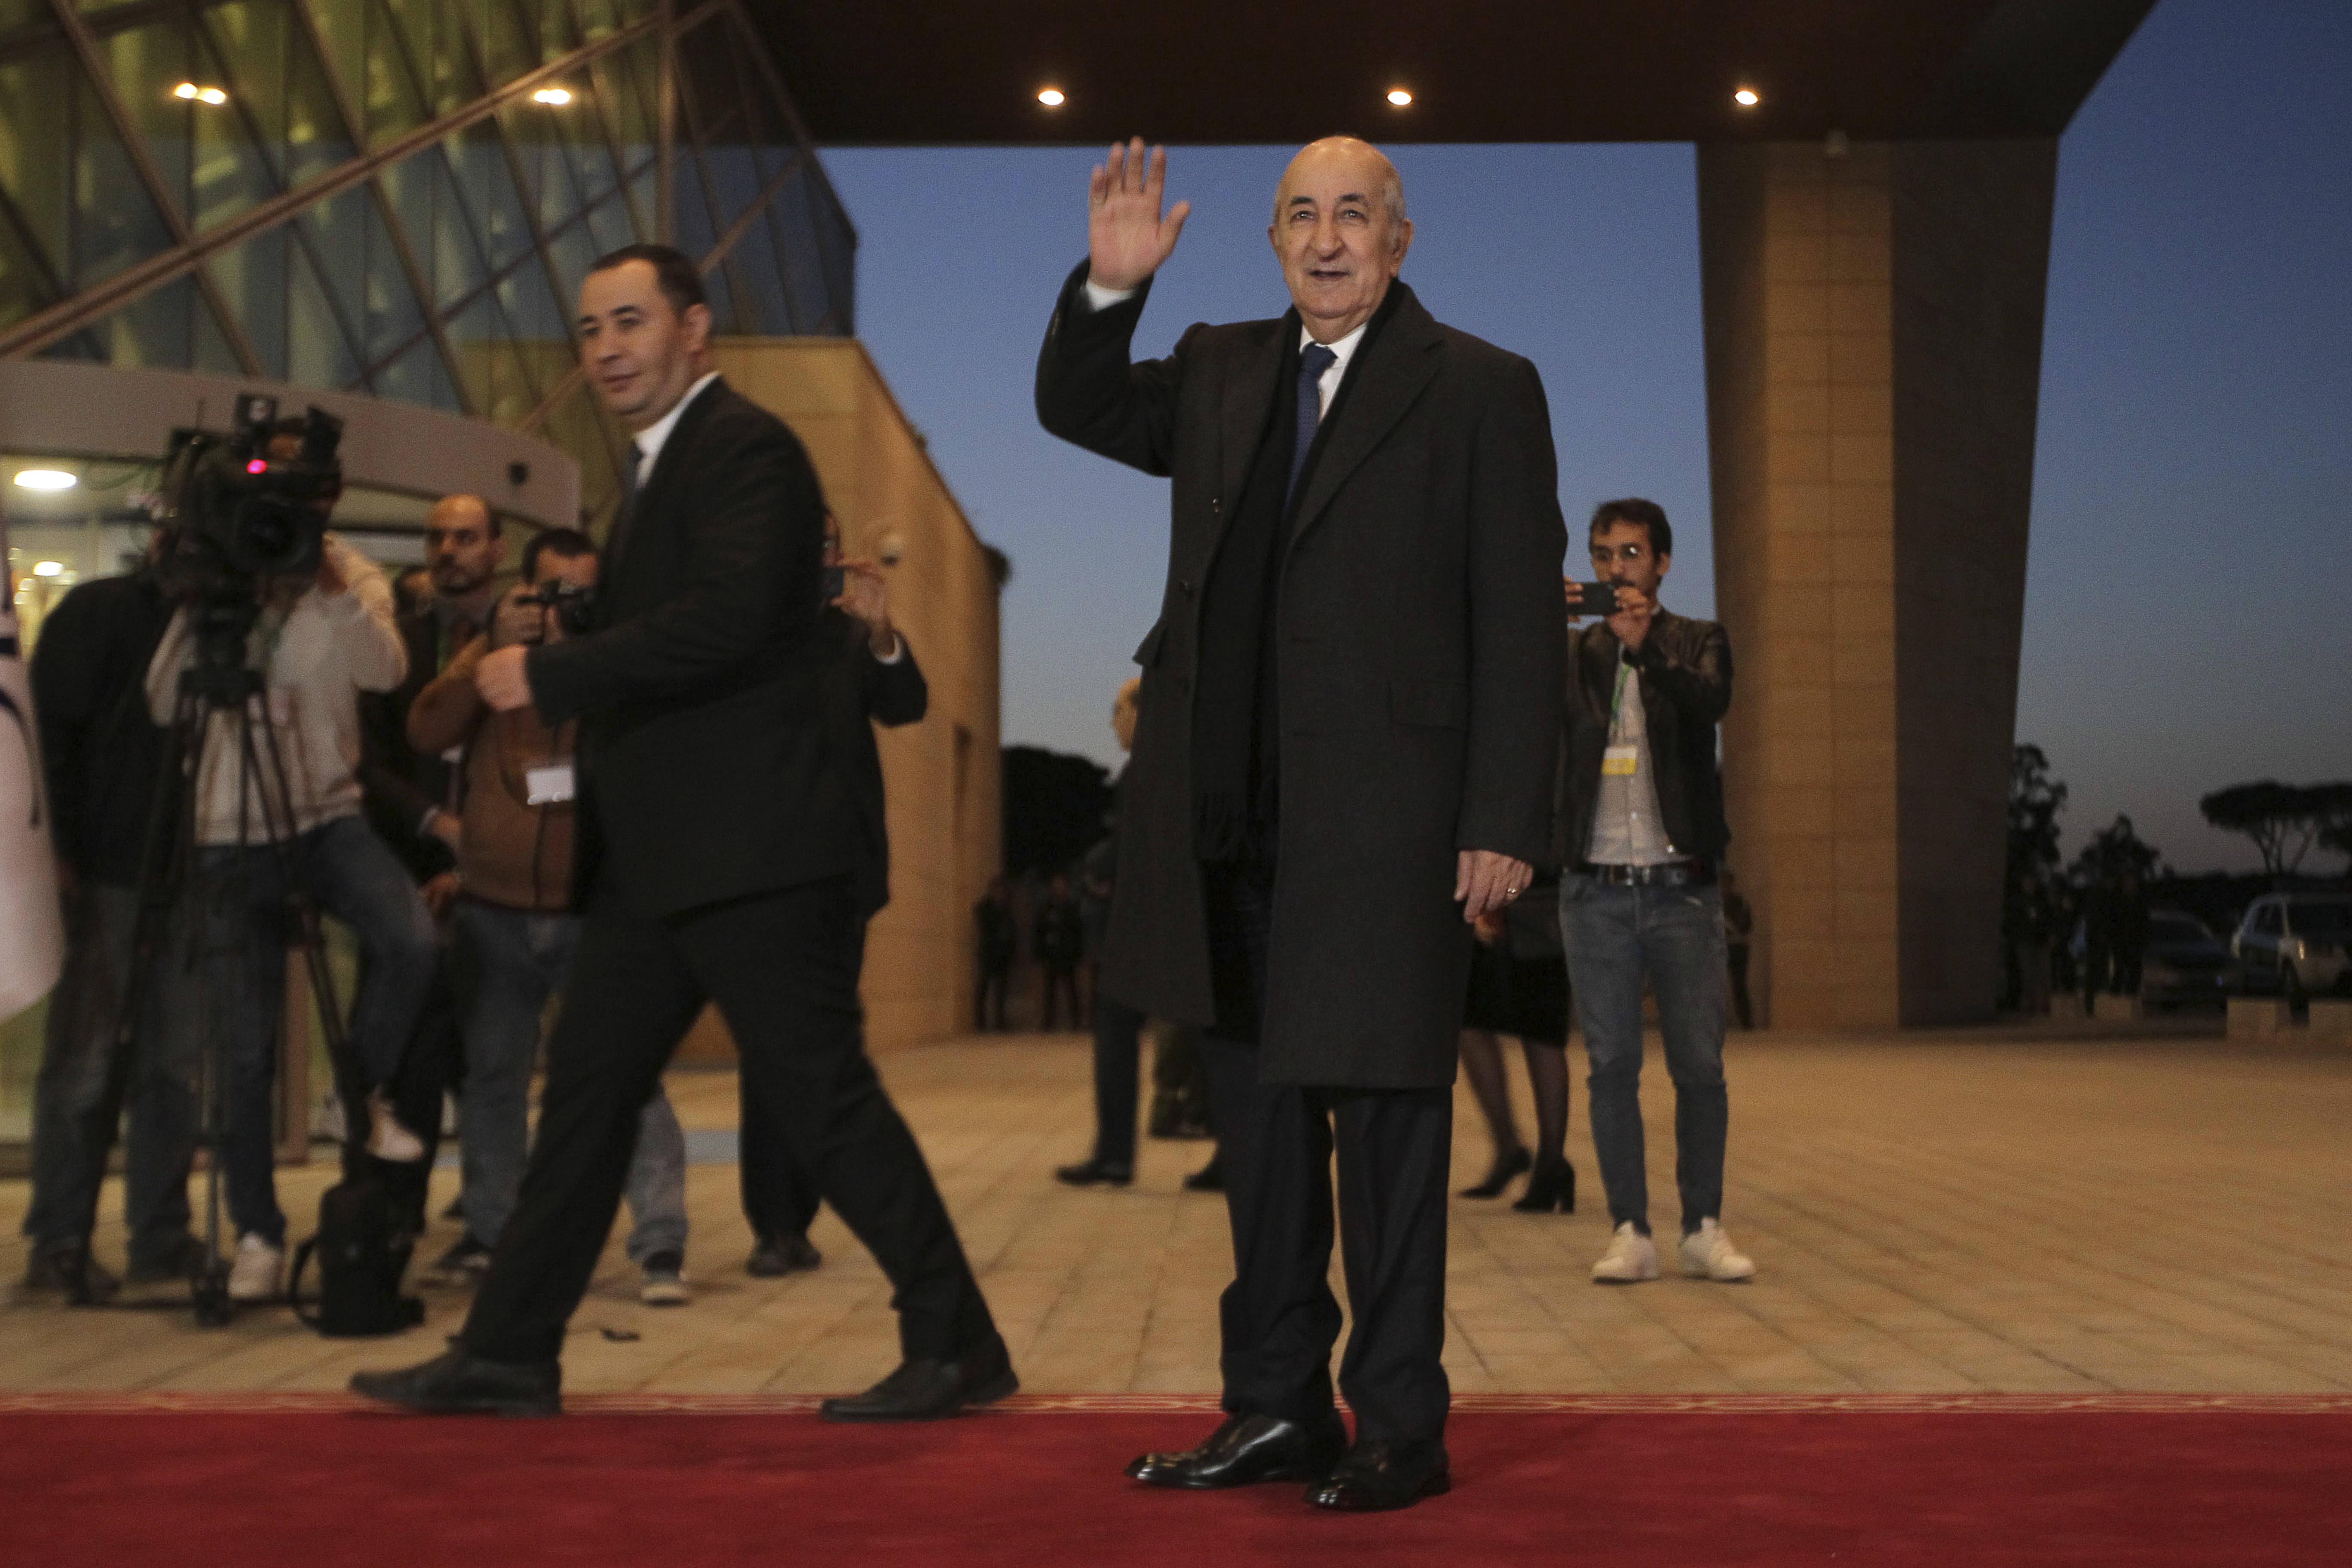 Le candidat Abdelmadjid Tebboune saluant l'assistance avant de participer au premier débat présidentiel de l'histoire algérienne, vendredi 6 décembre 2019.